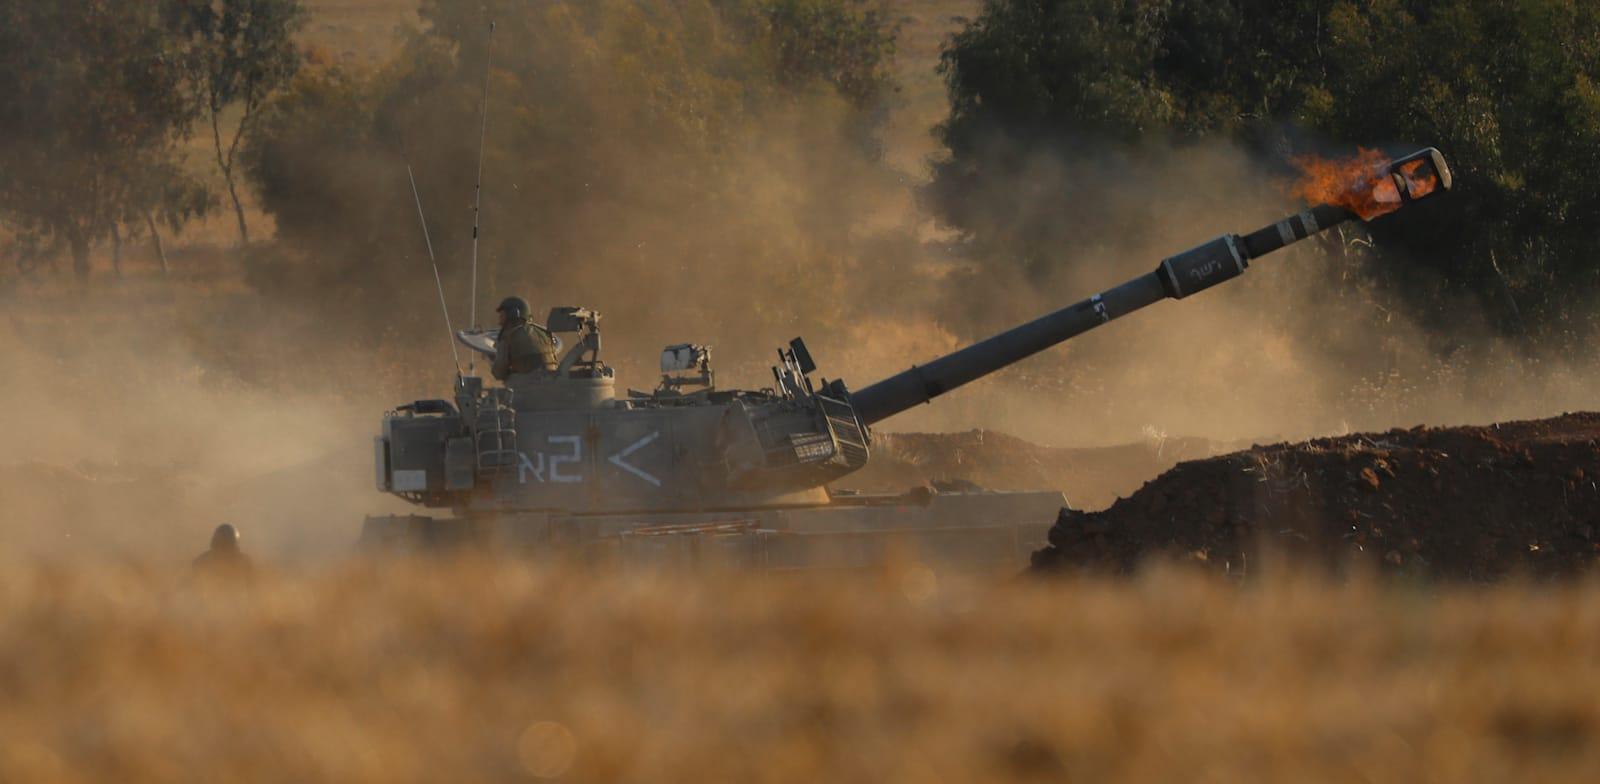 """תותח של צה""""ל יורה לעבר עזה / צילום: Associated Press, Ariel Schalit"""